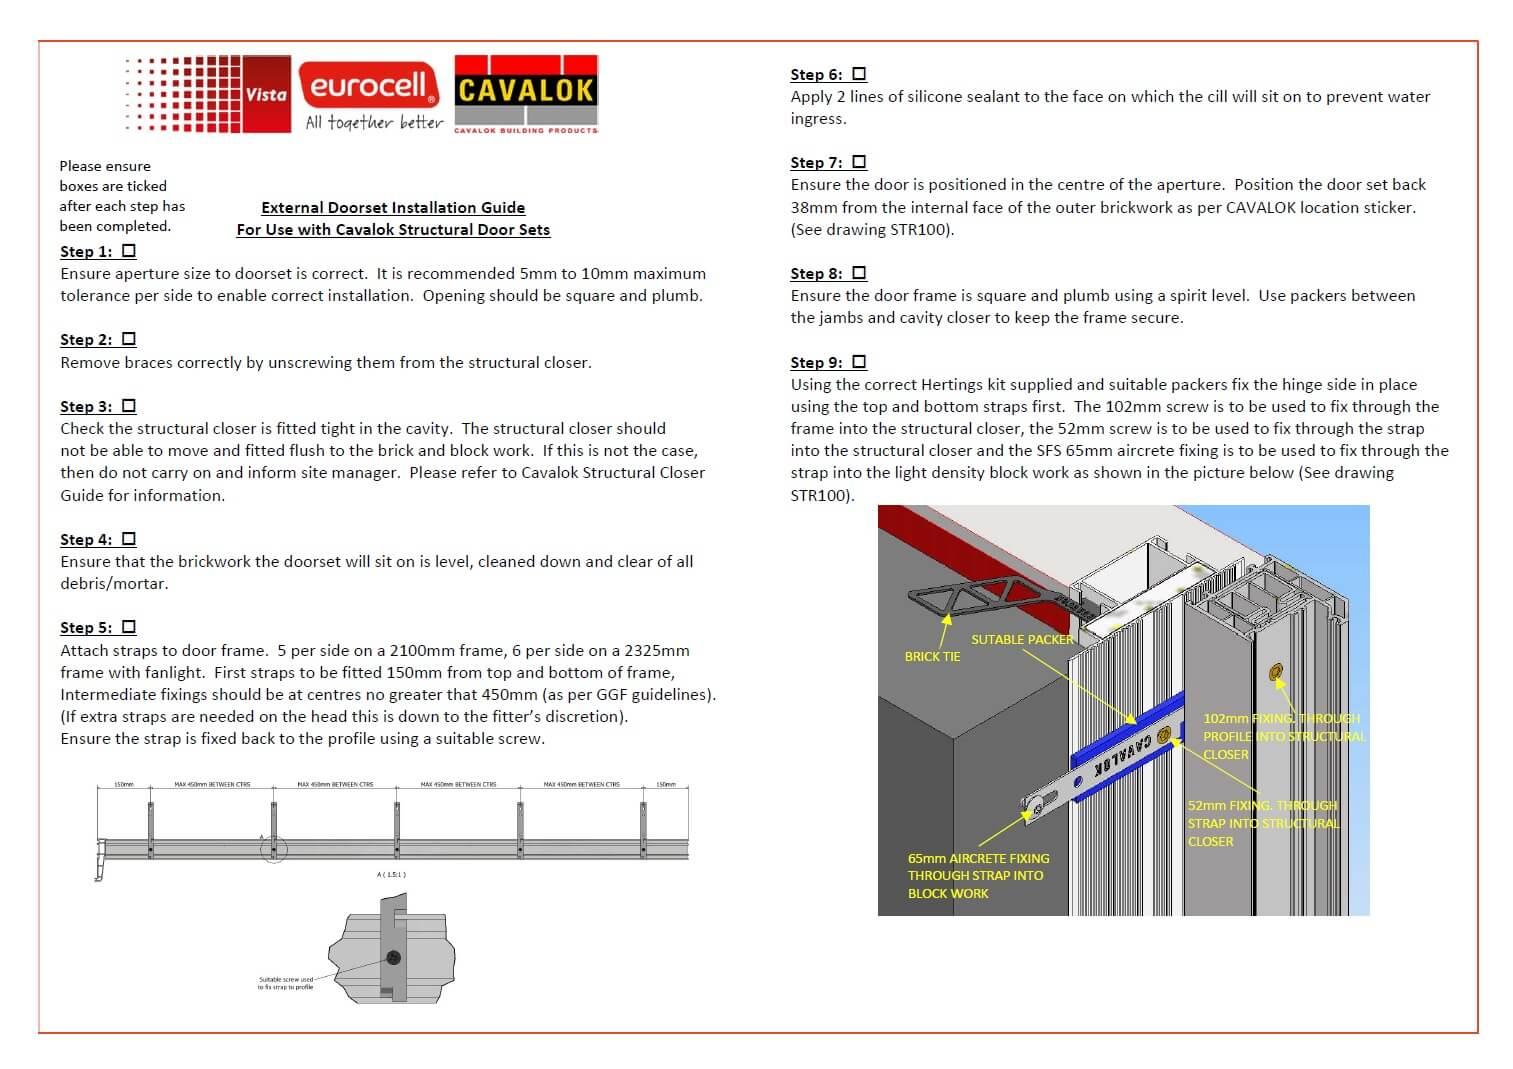 External Door Set Installation Guide graphic